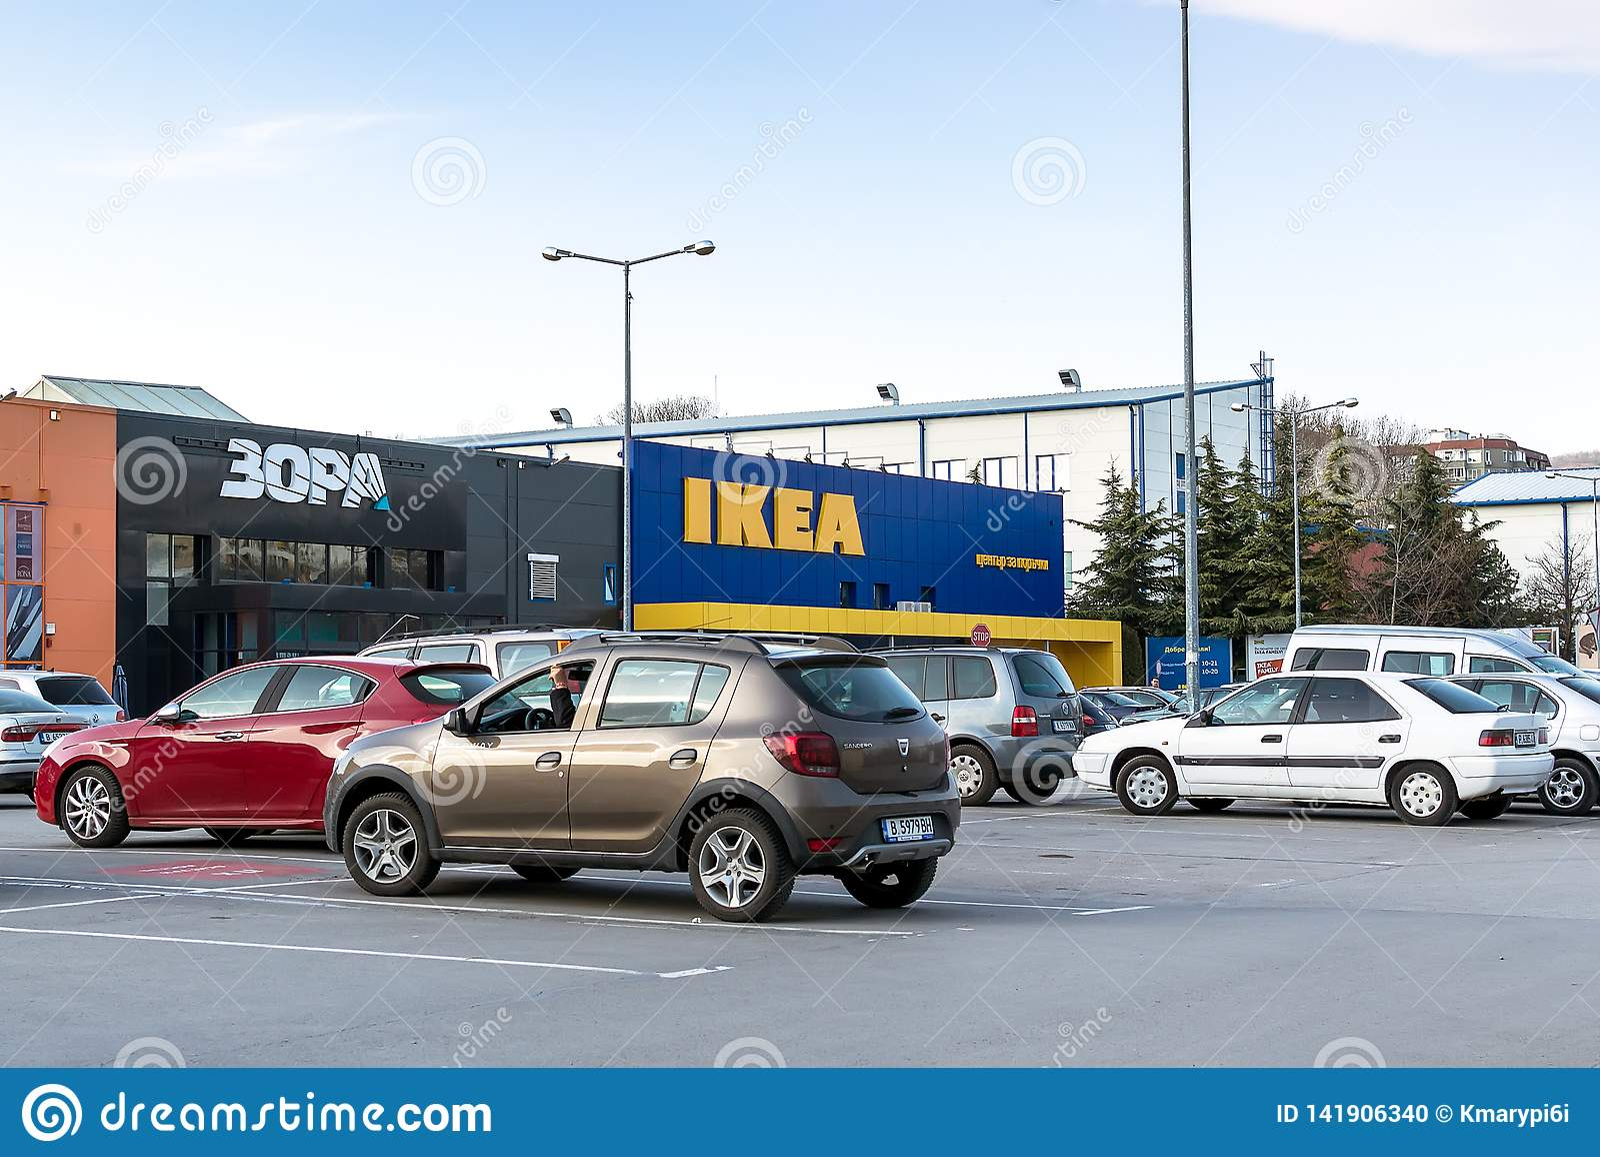 Área del aparcamiento cerca de la entrada del centro de la tienda de IKEA en Varna Colores amarillos y azules de Ikea Cityview en